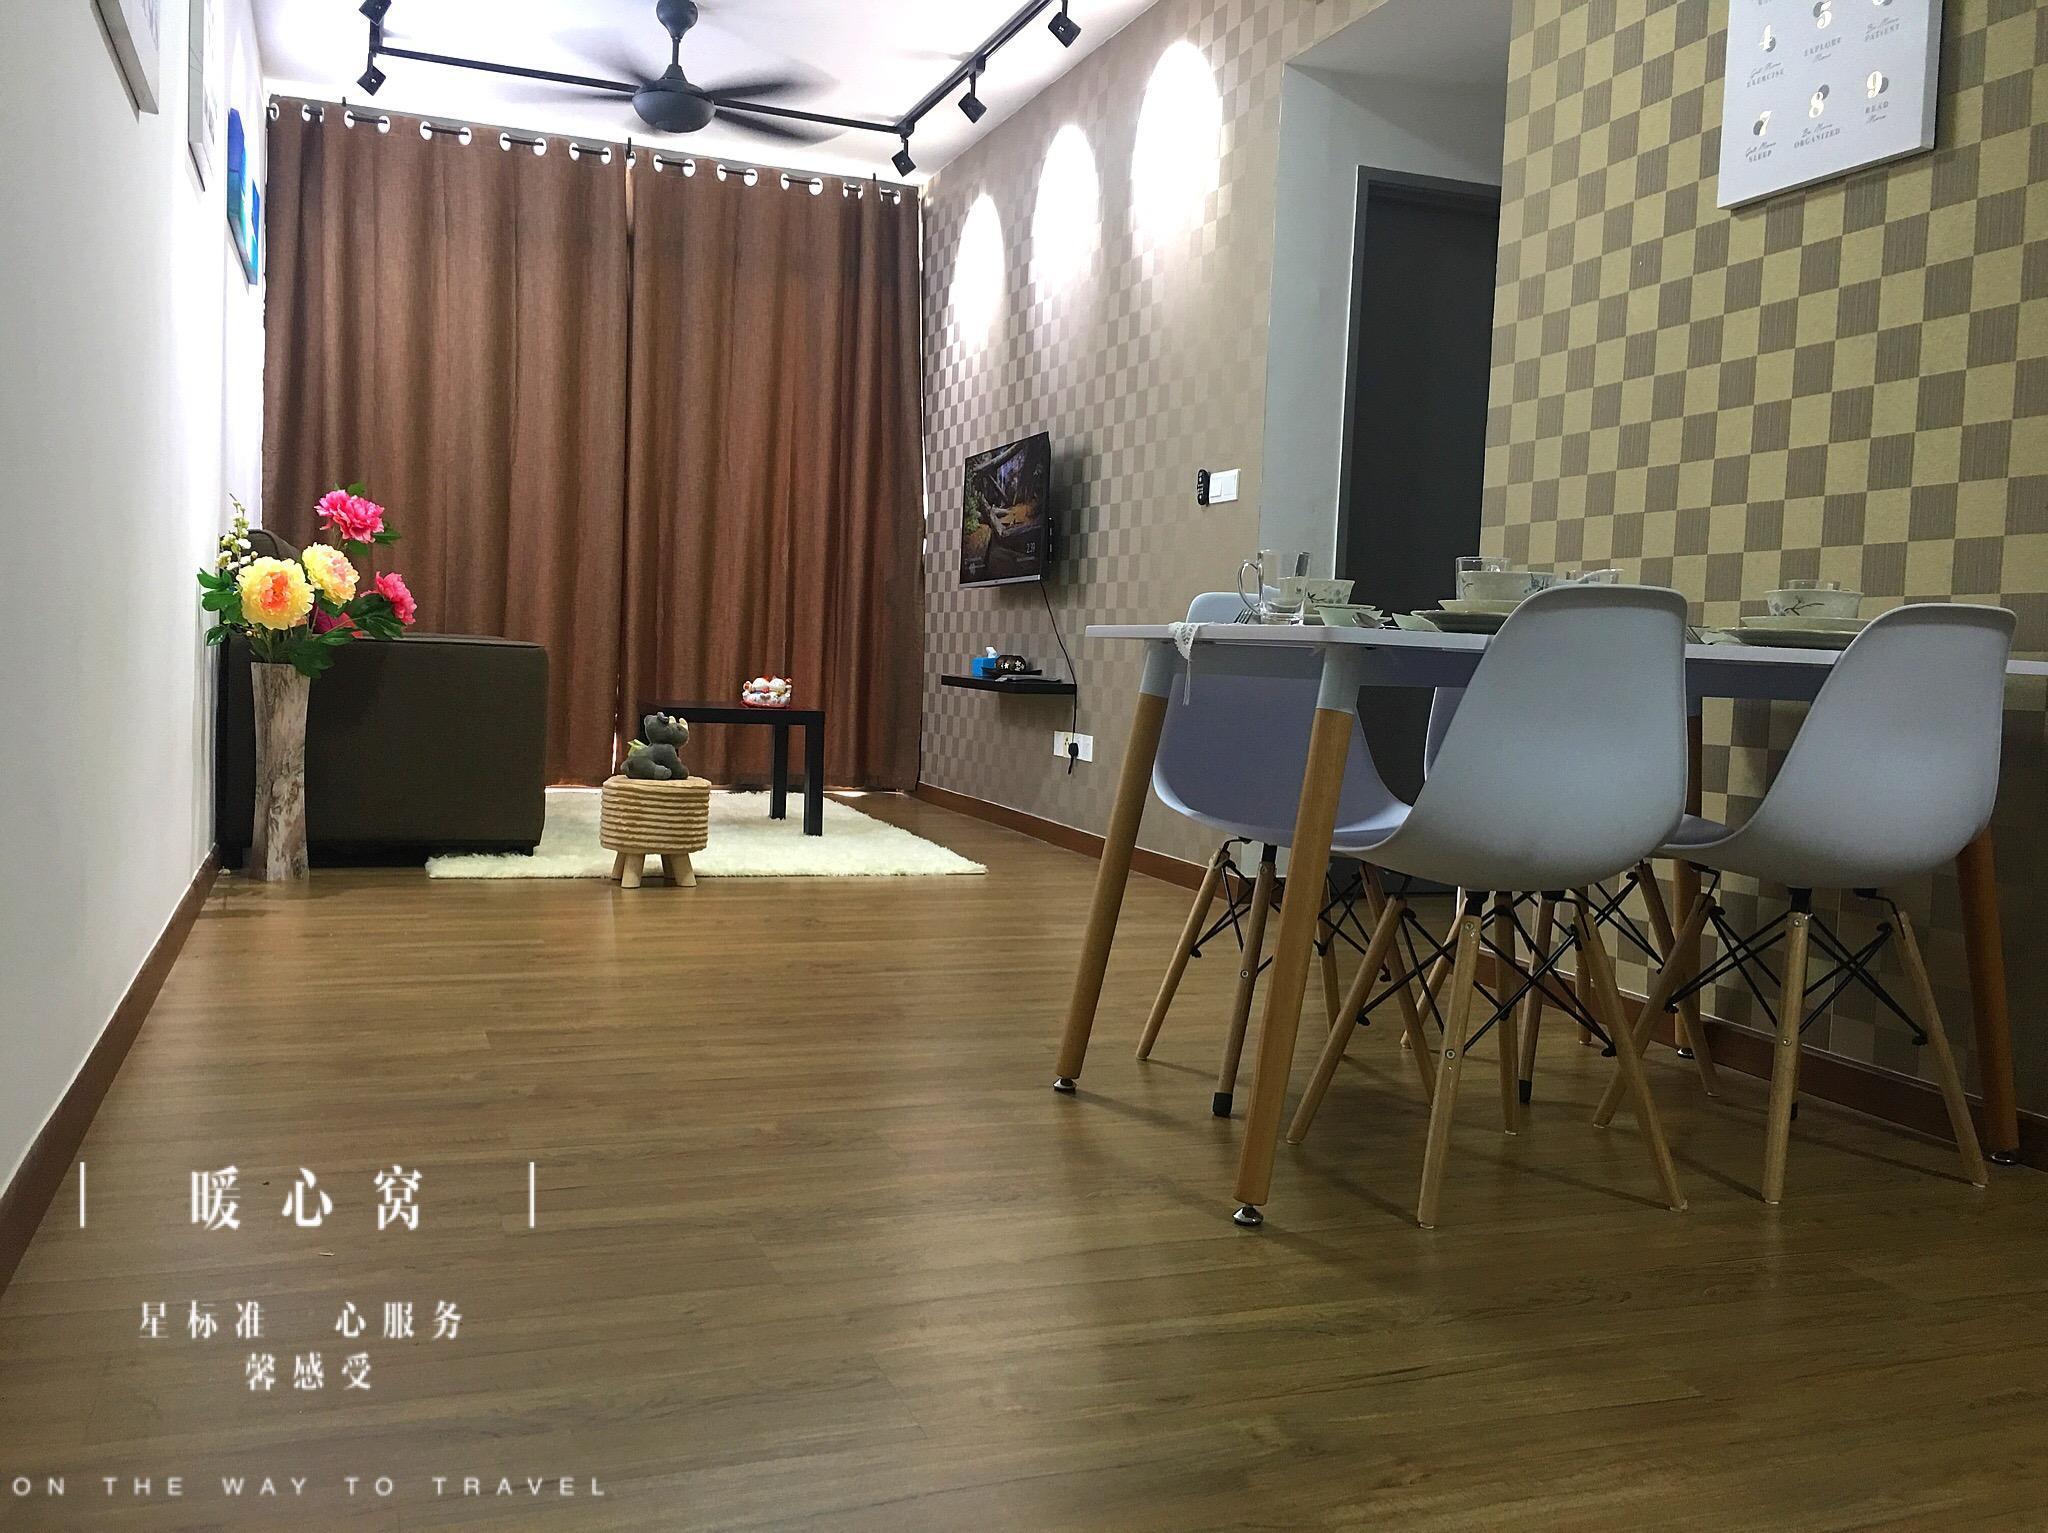 The Warm Suite 3 Bedroom Condo 6 10 Pax